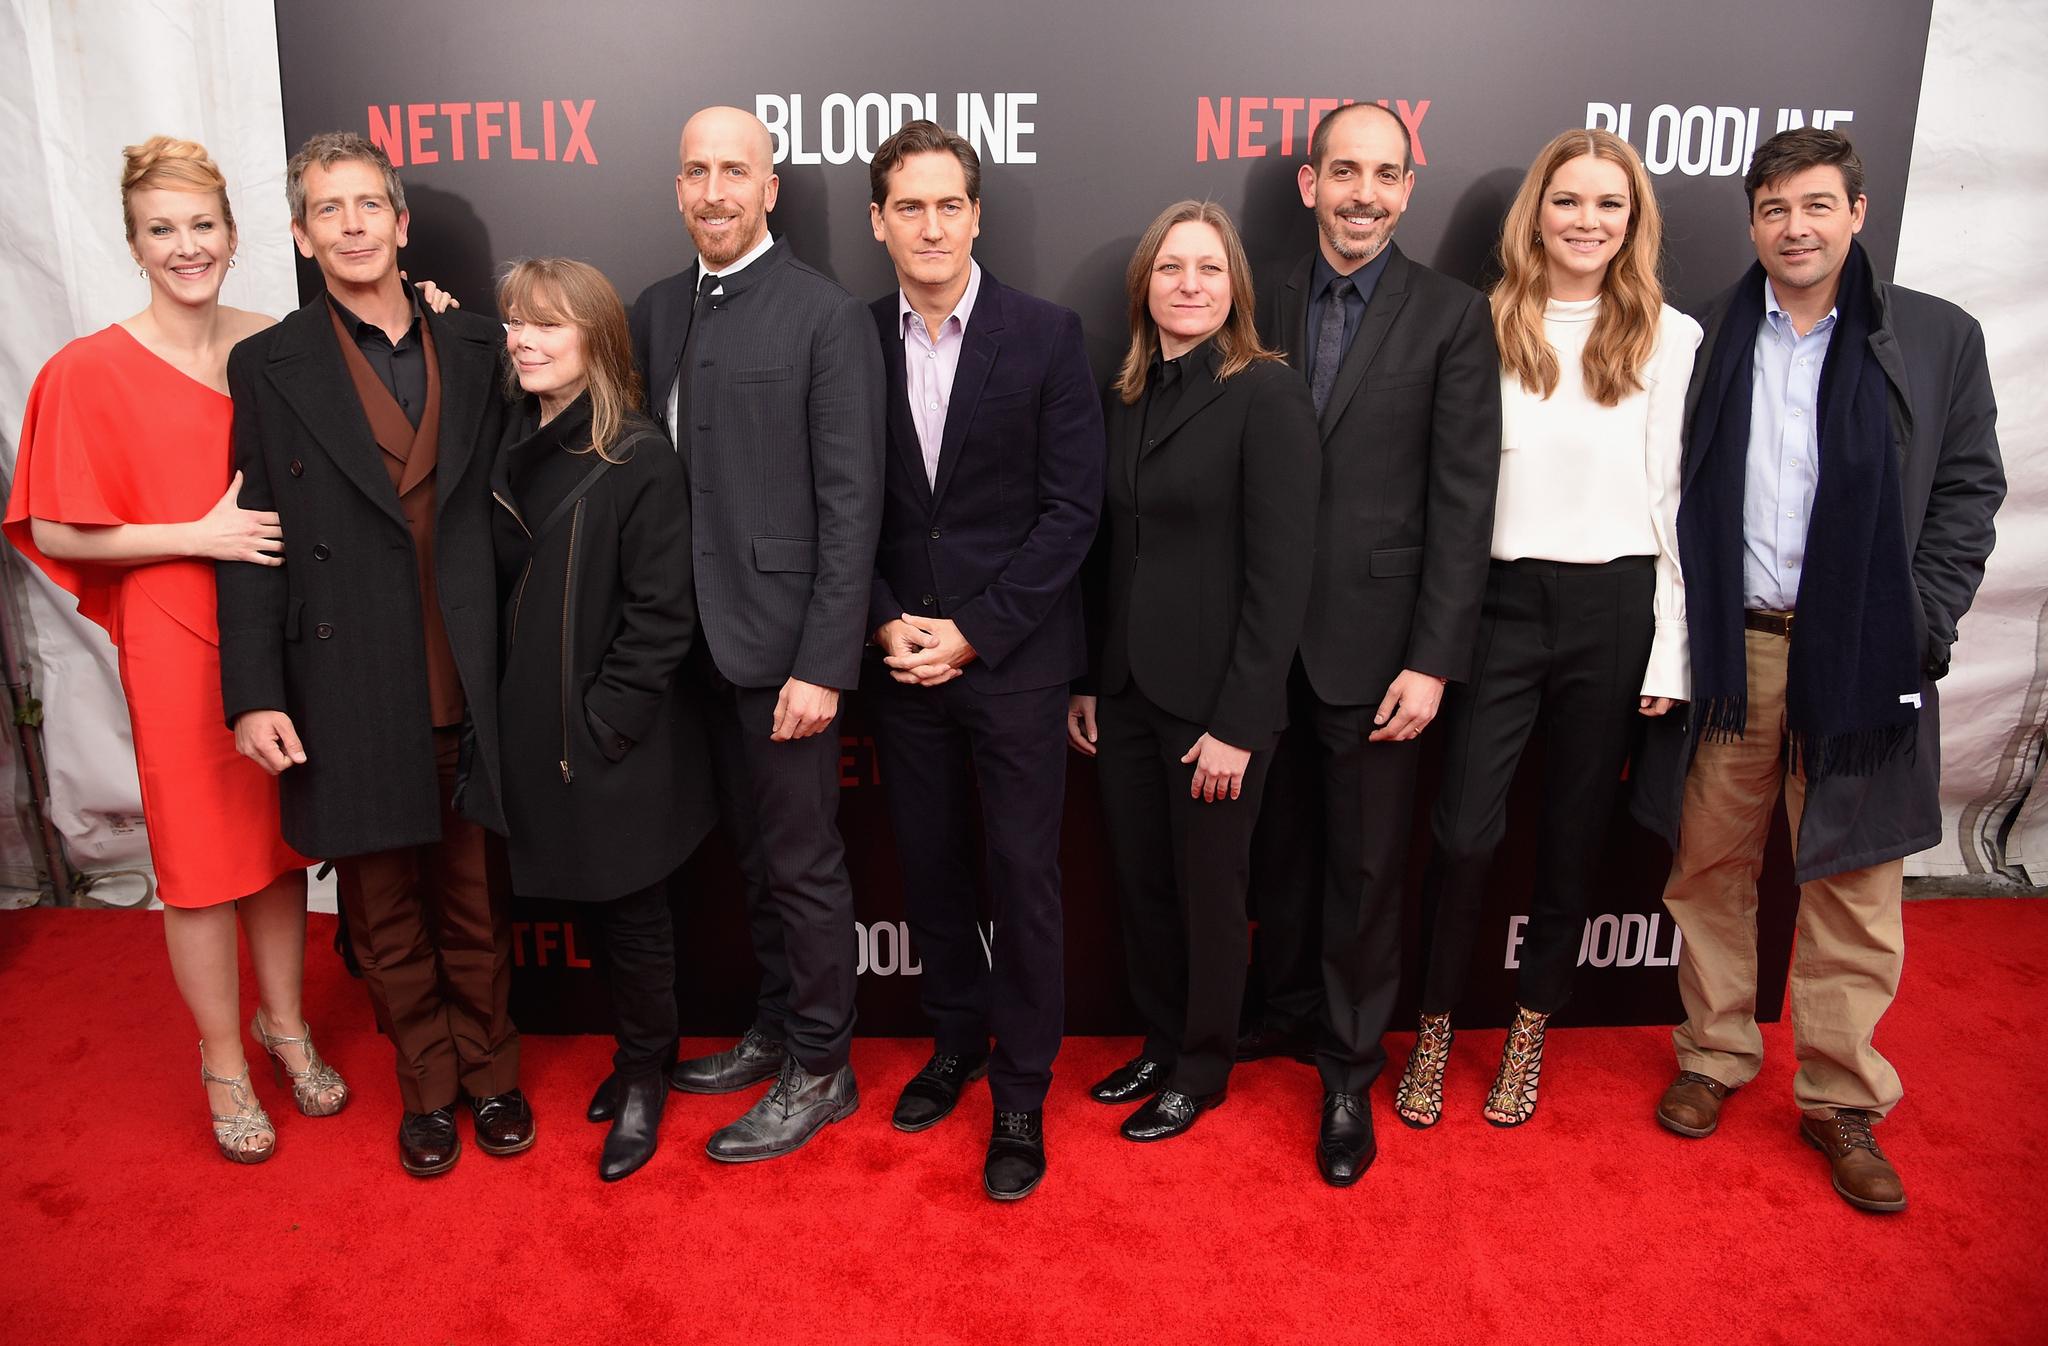 Sissy Spacek, Jacinda Barrett, Kyle Chandler, Katie Finneran, Glenn Kessler, Todd A. Kessler, Ben Mendelsohn, Daniel Zelman and Cindy Holland at event of Bloodline (2015)